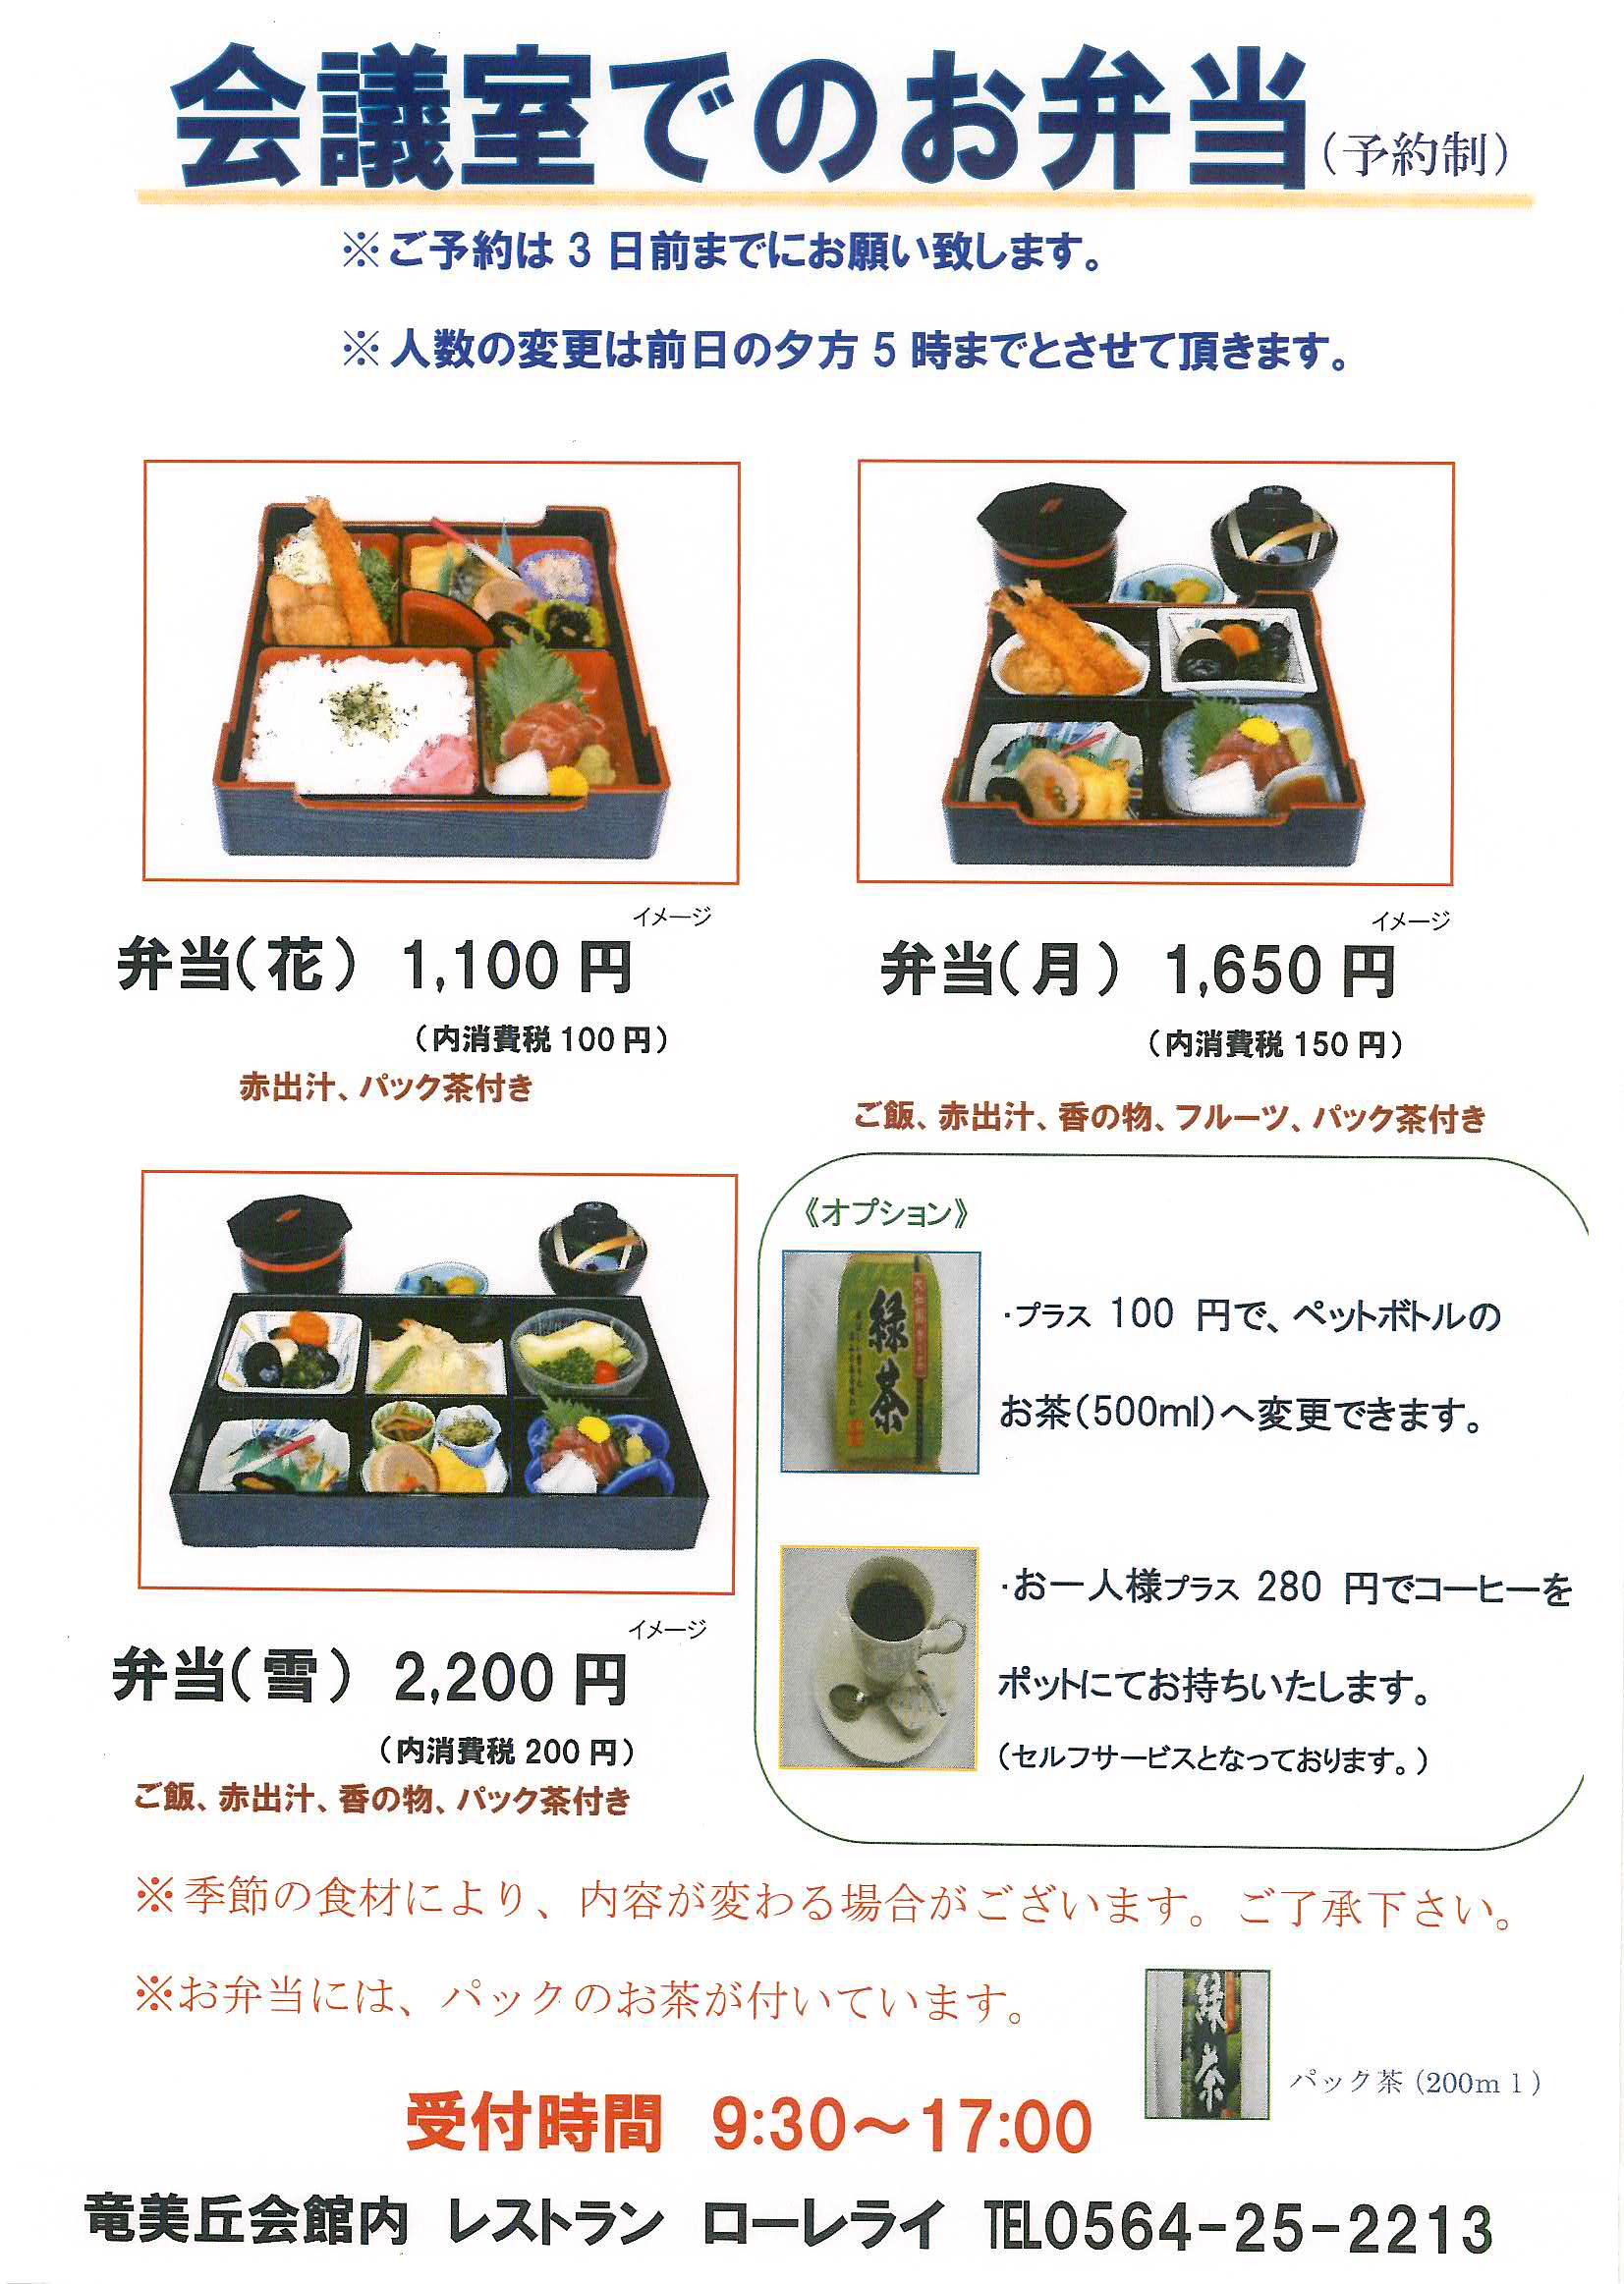 会議室でのお弁当(予約制)